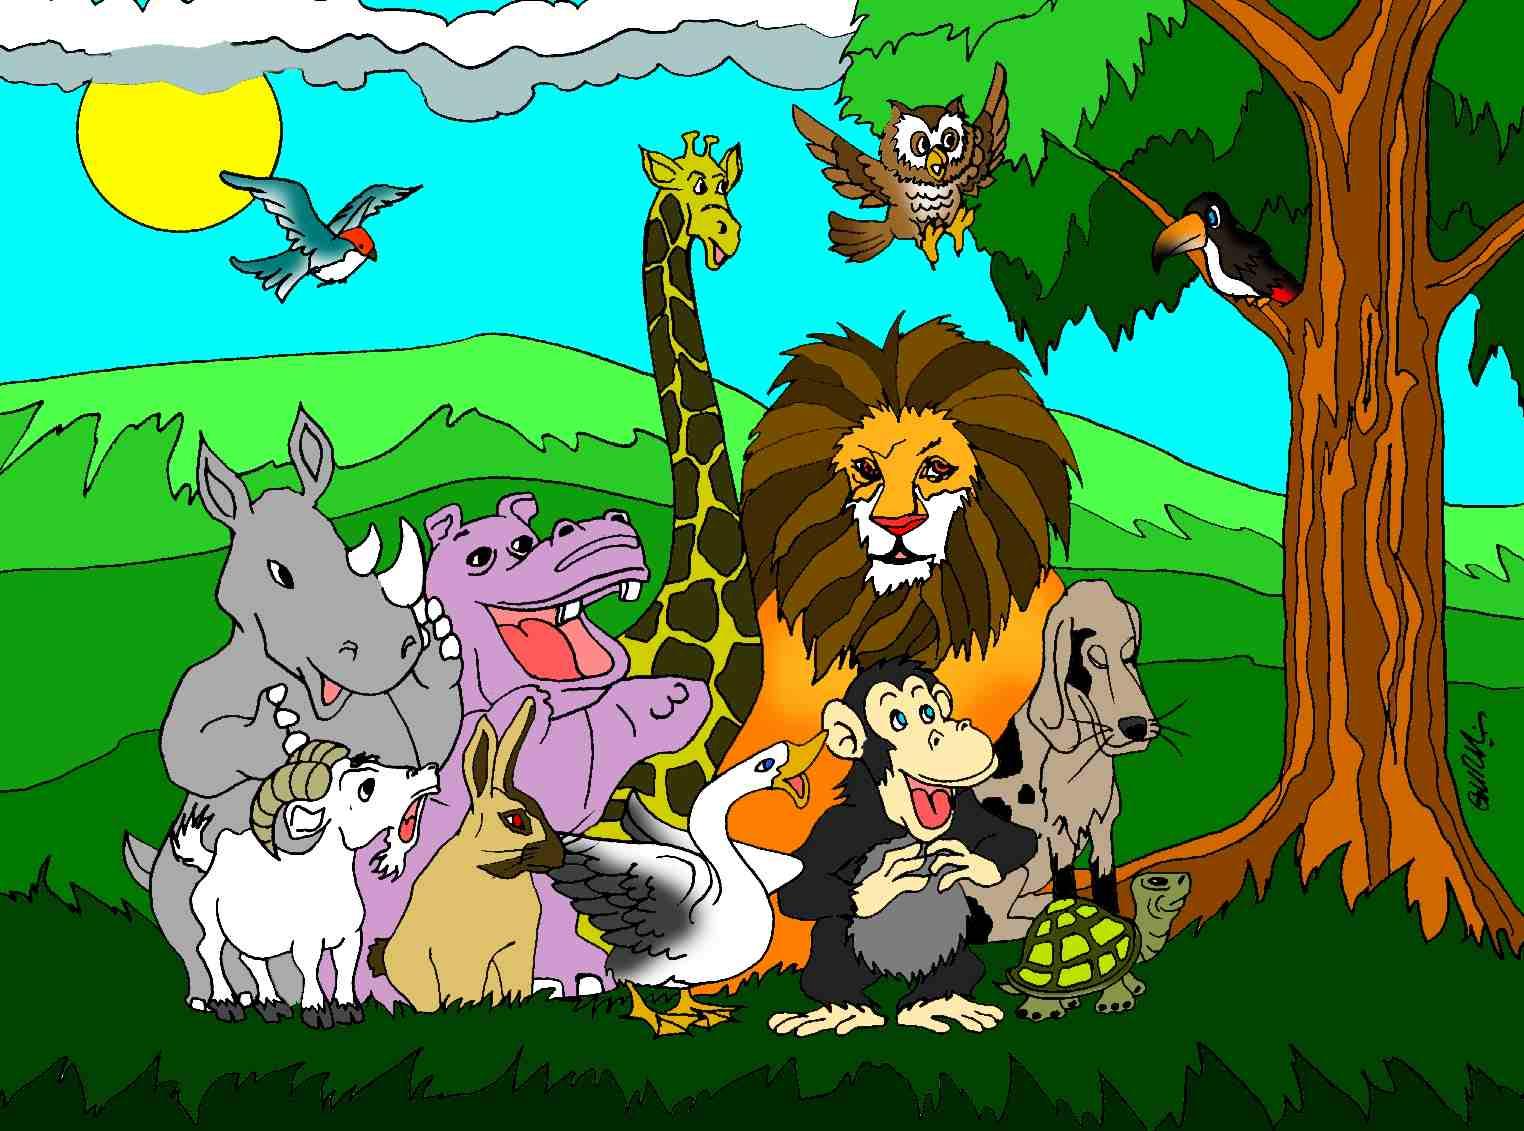 festa jardim zoologico : festa jardim zoologico:Los Animales De La Biblia